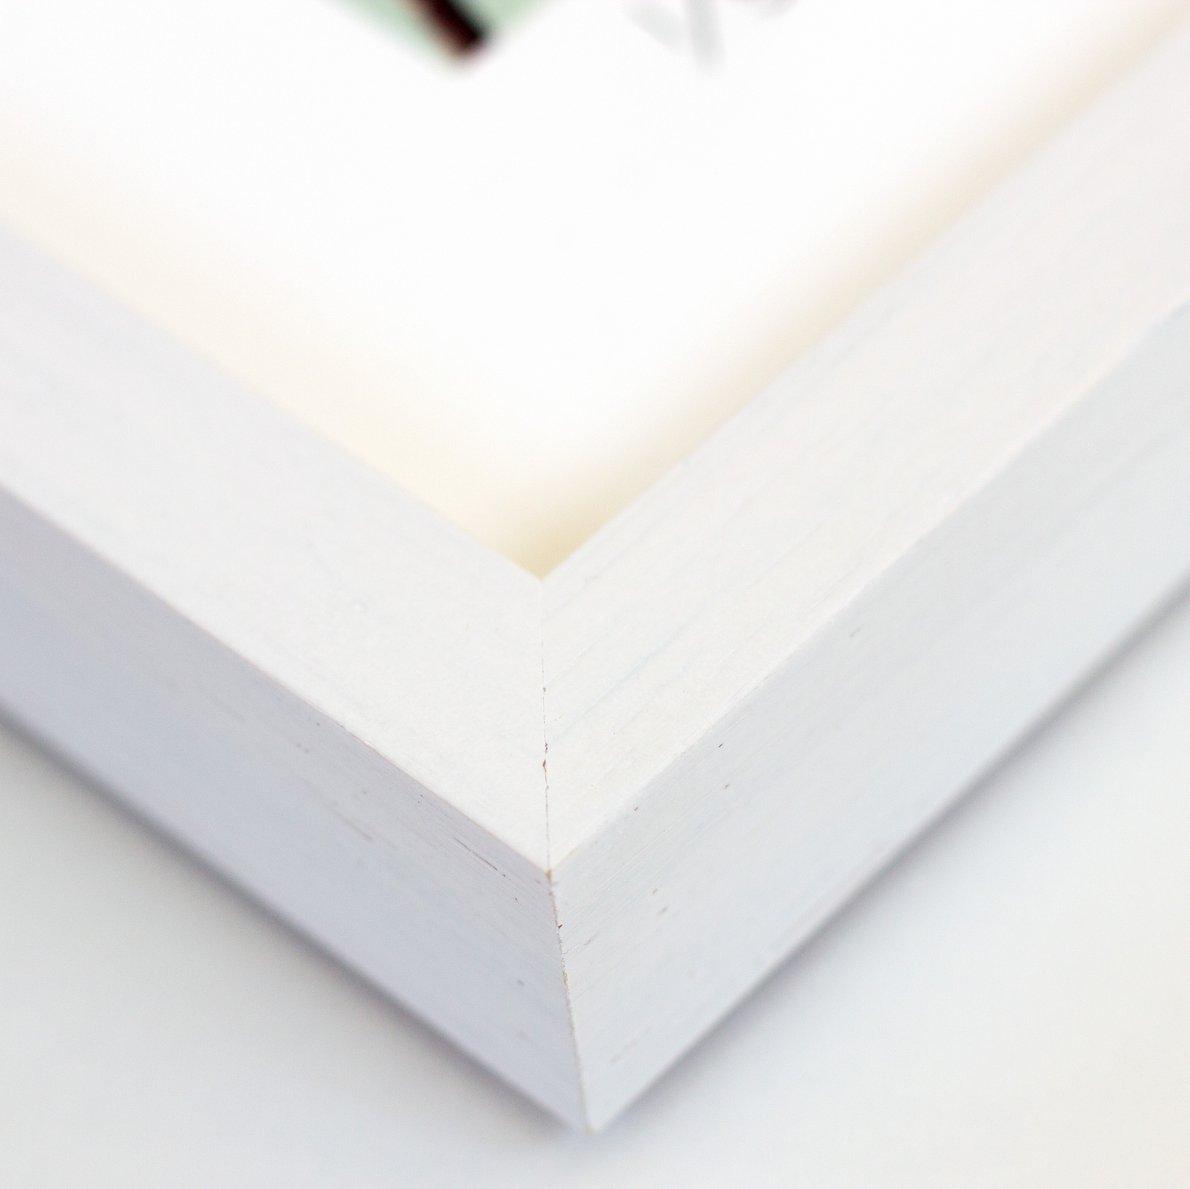 《アートフォト》【ベスト】影の造形1/美瑛町〔富良野・高橋真澄〕(レンタル対象)